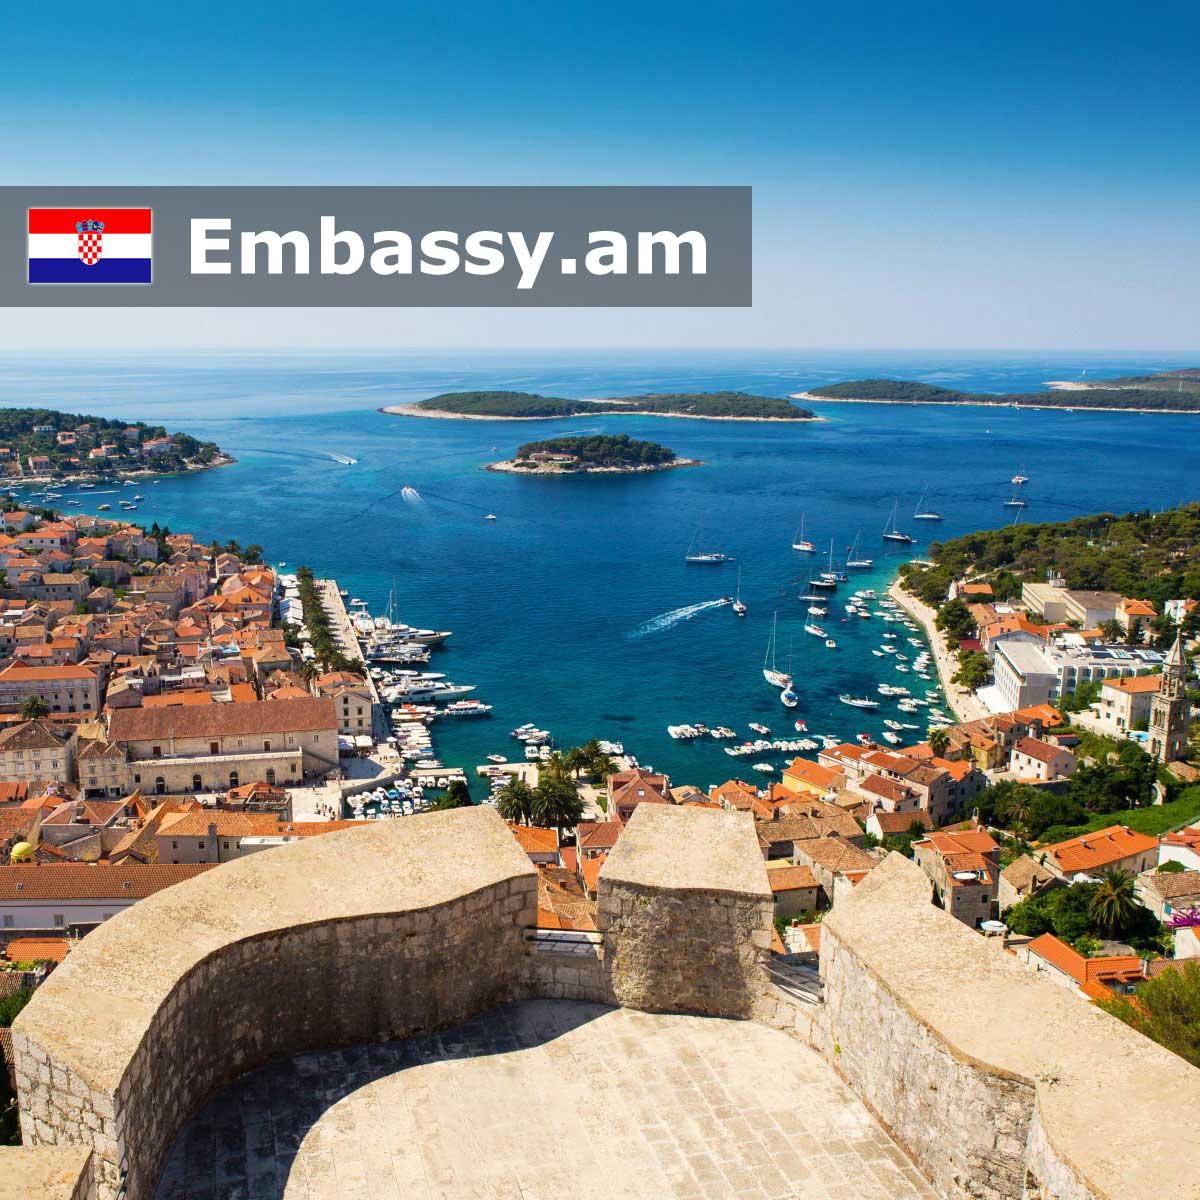 Hvar - Hotels in Croatia - Embassy.am